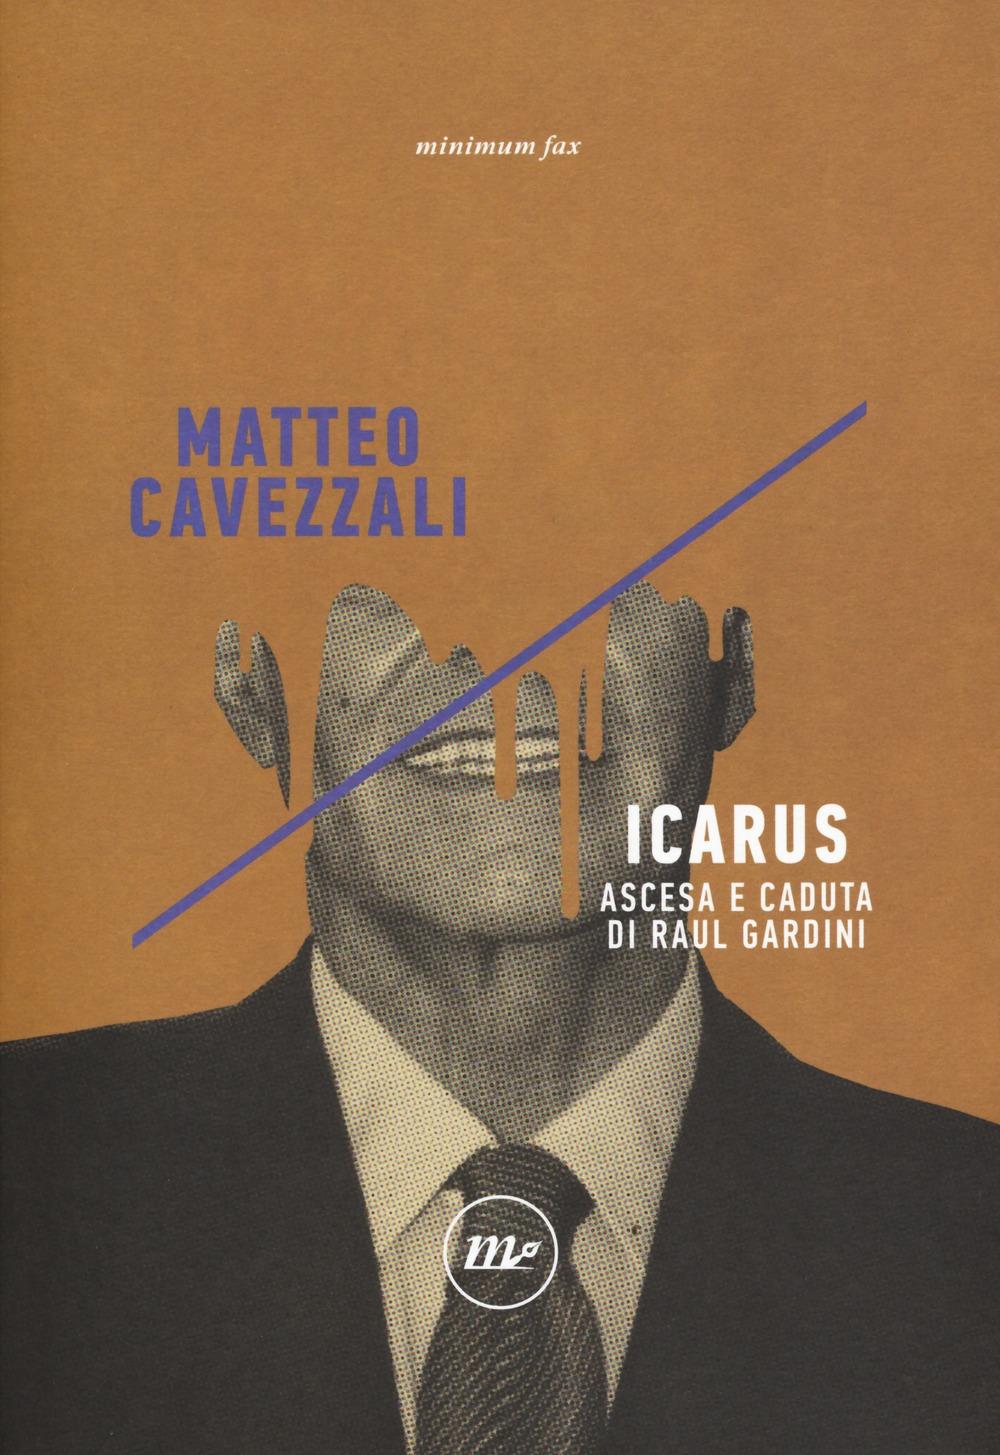 Recensione di Icarus – Matteo Cavezzali